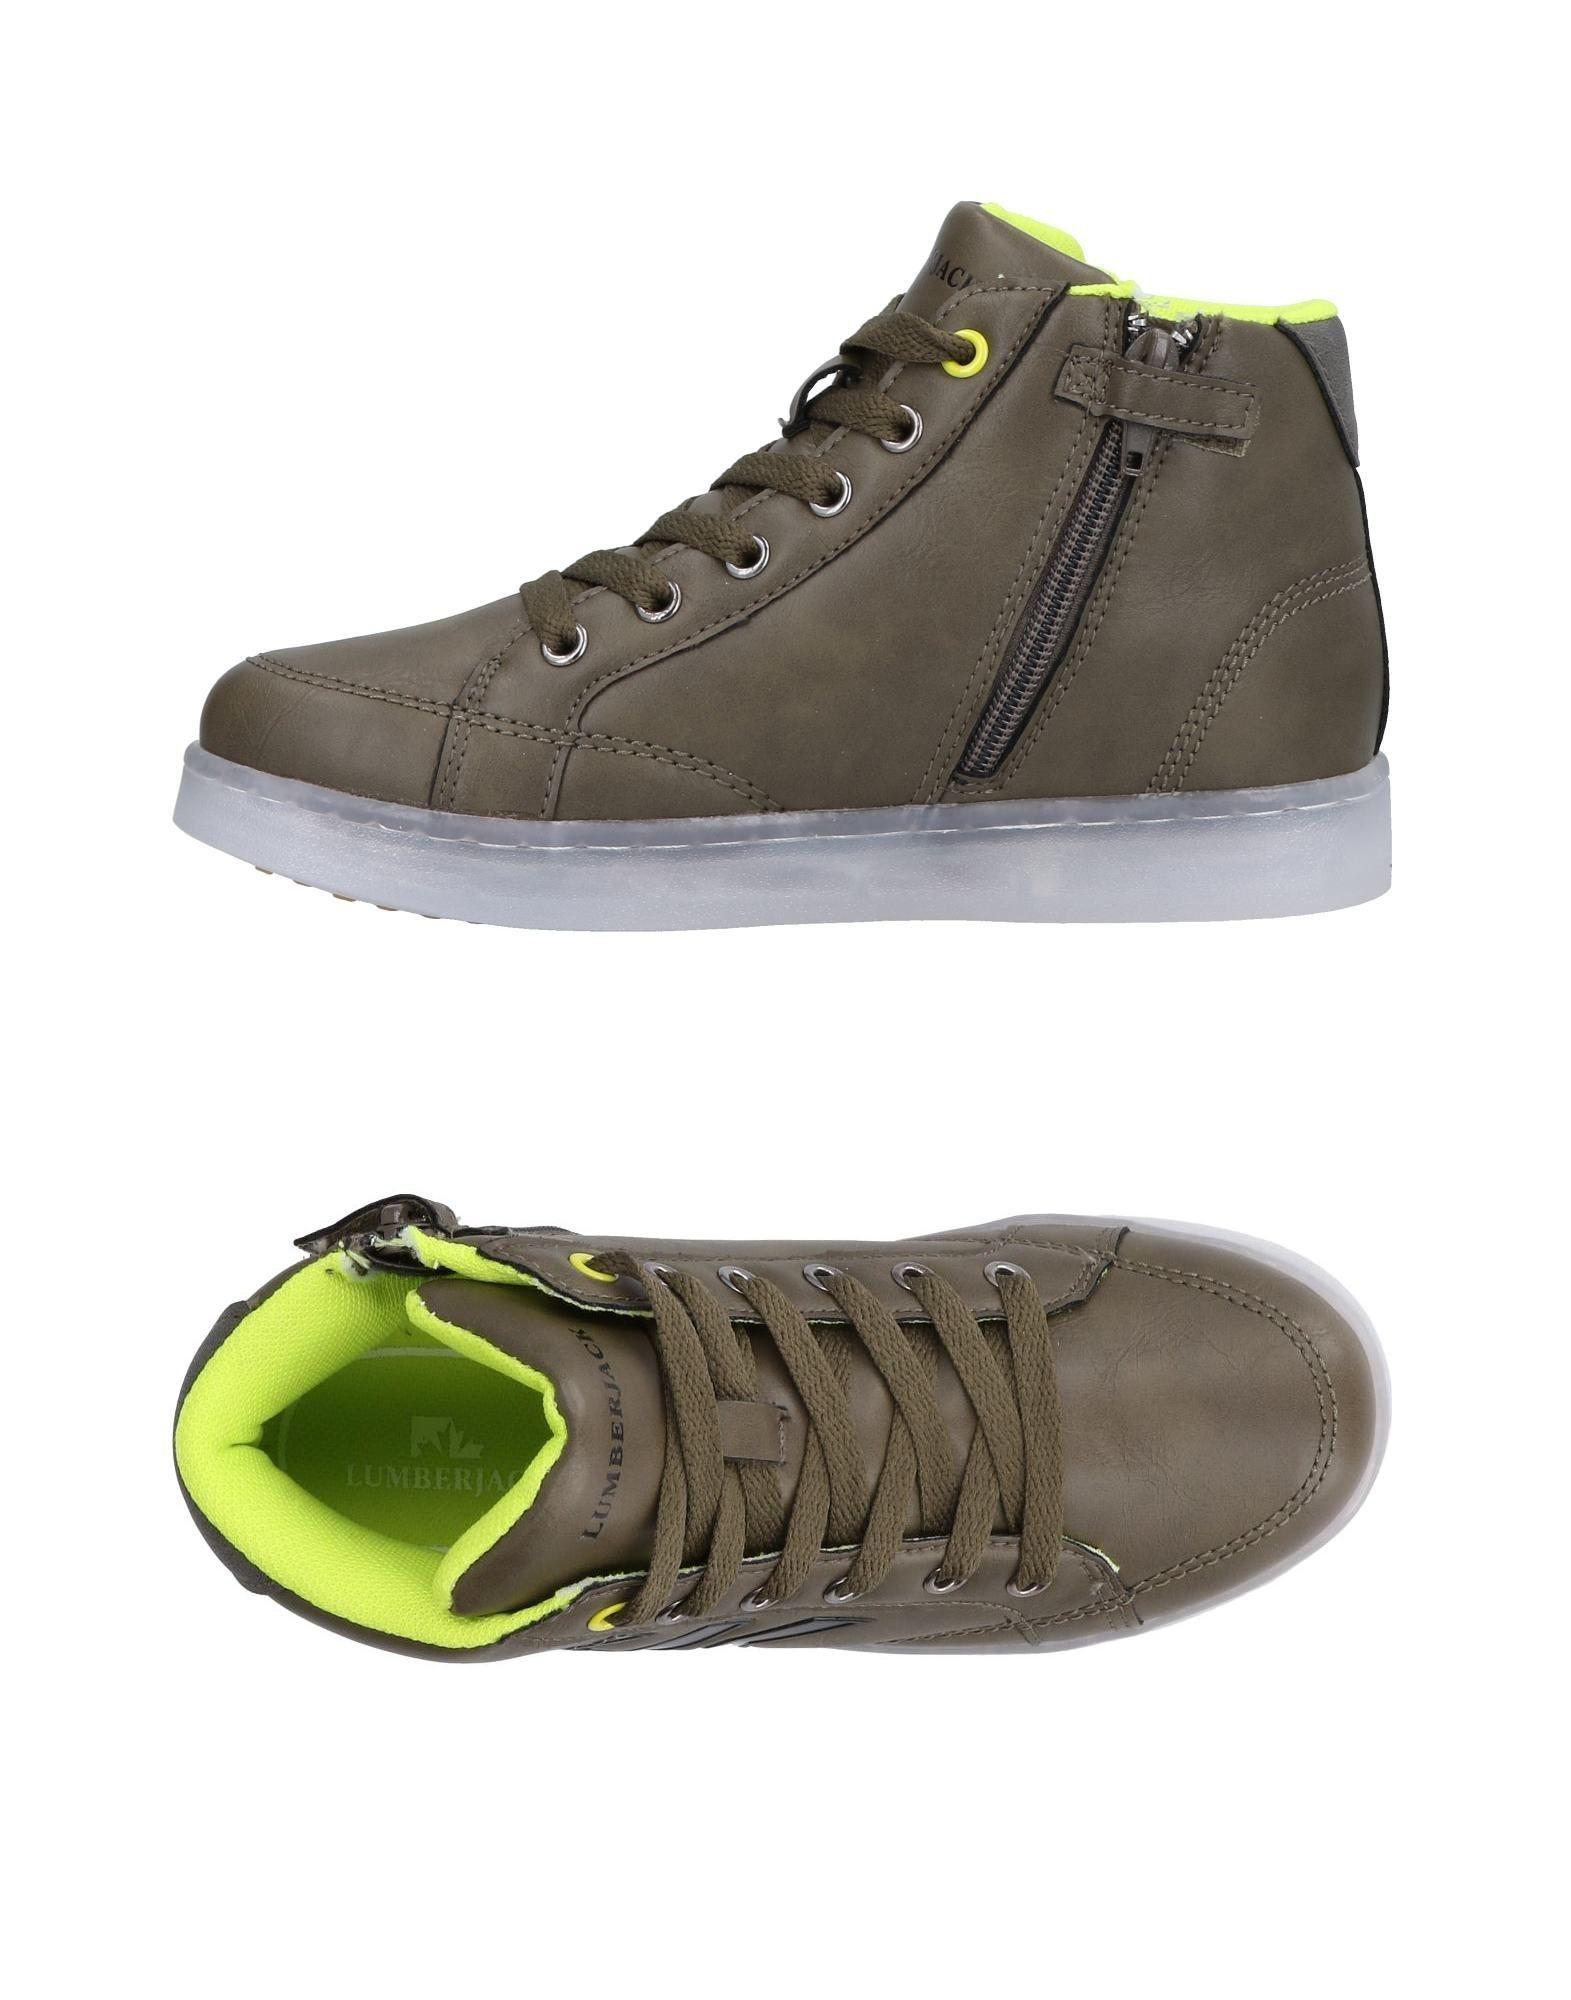 FOOTWEAR - High-tops & sneakers Lumberjack aW2NYbAF